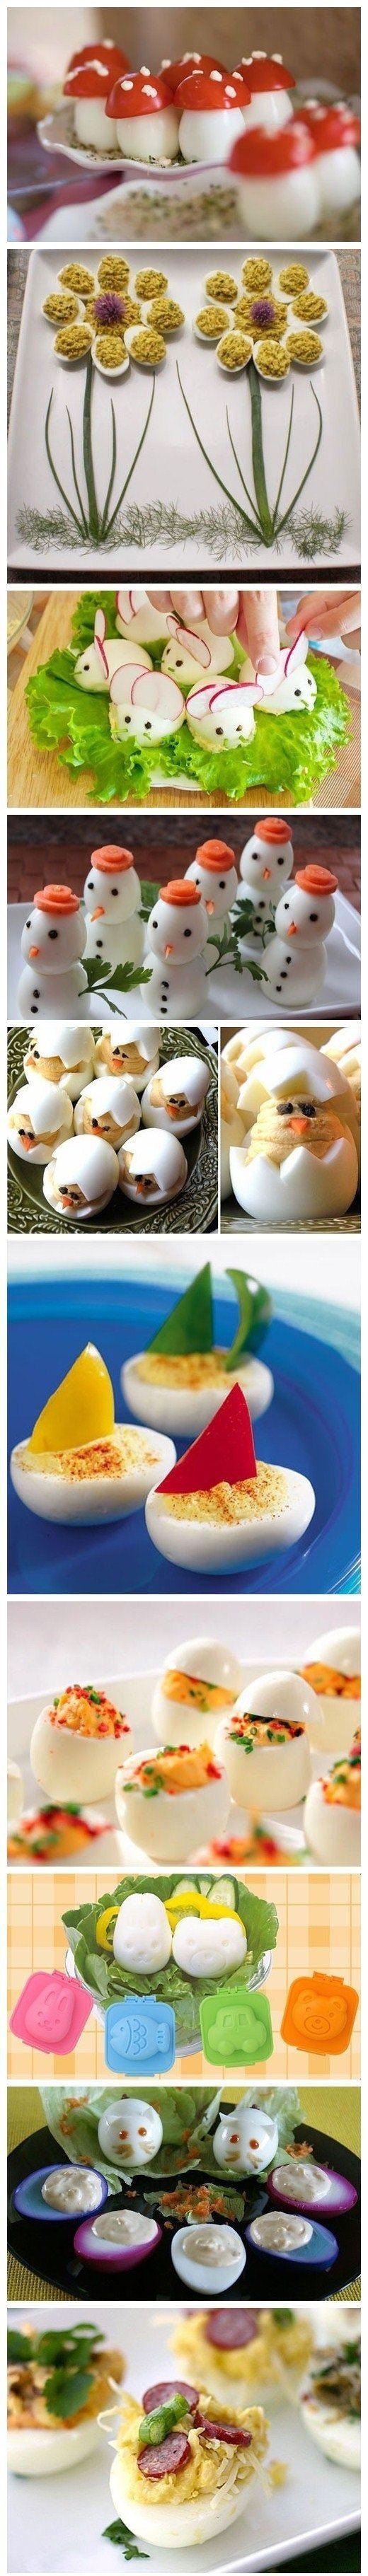 Jajka na Wielkanoc 2